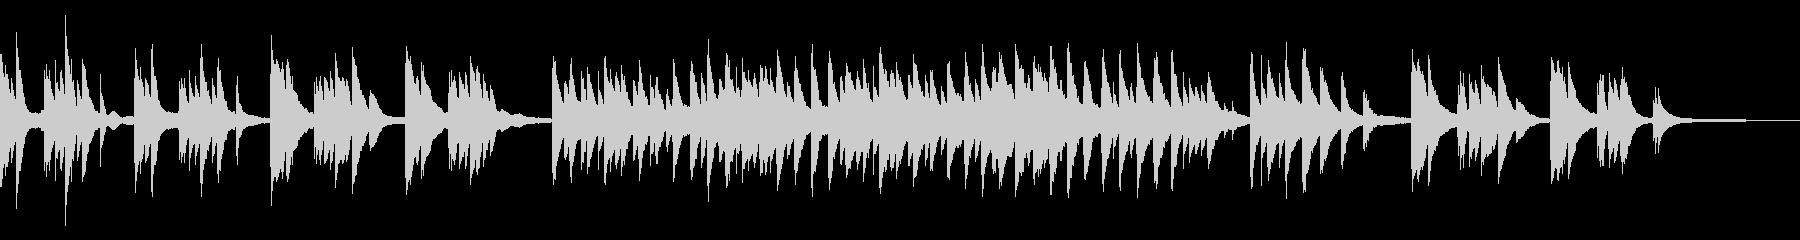 不思議で暗く、ゆったりなピアノソロの未再生の波形